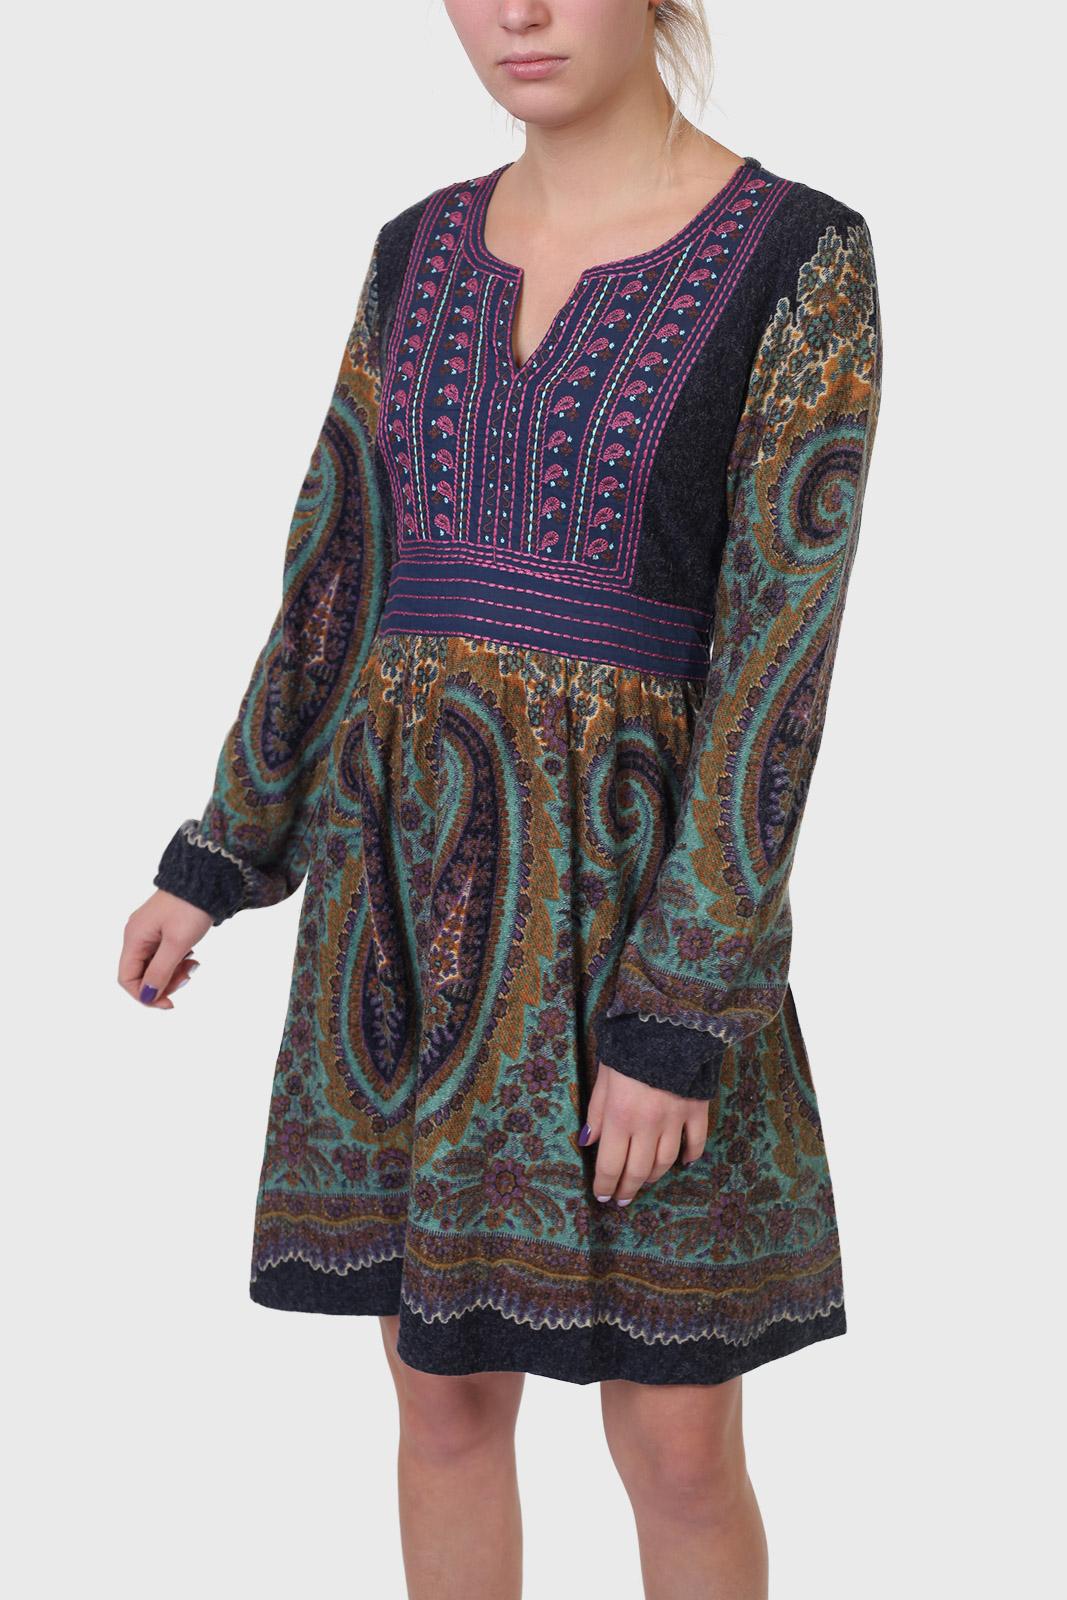 Волшебное женское платье PAPILLON с этническим орнаментом.